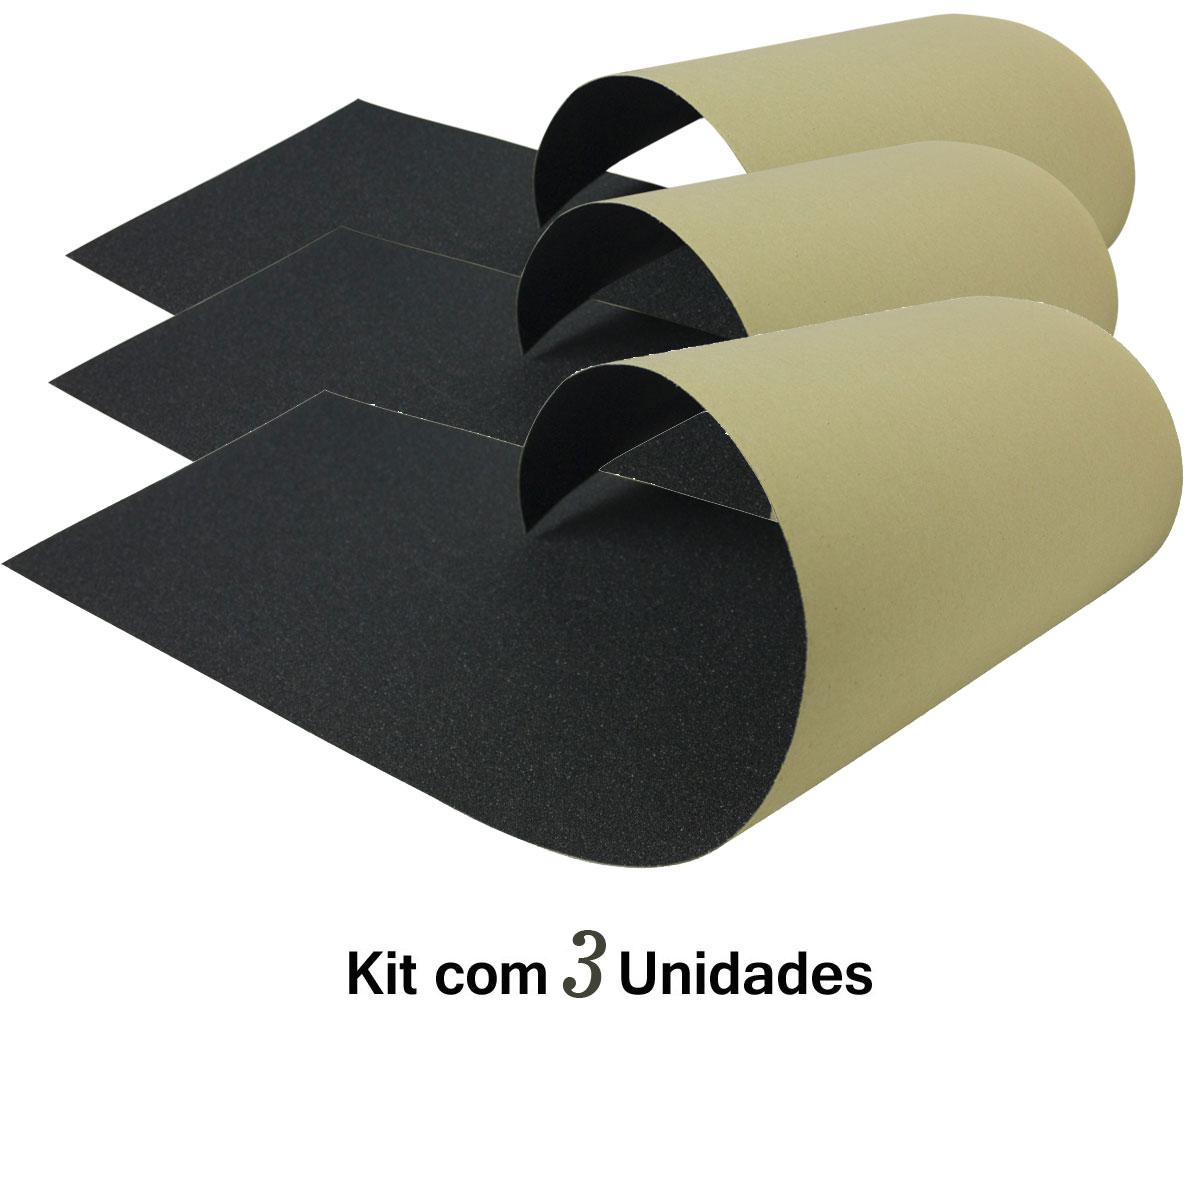 Lixa Emborrachada Importada Micro Furos Kit com 3 Unidades